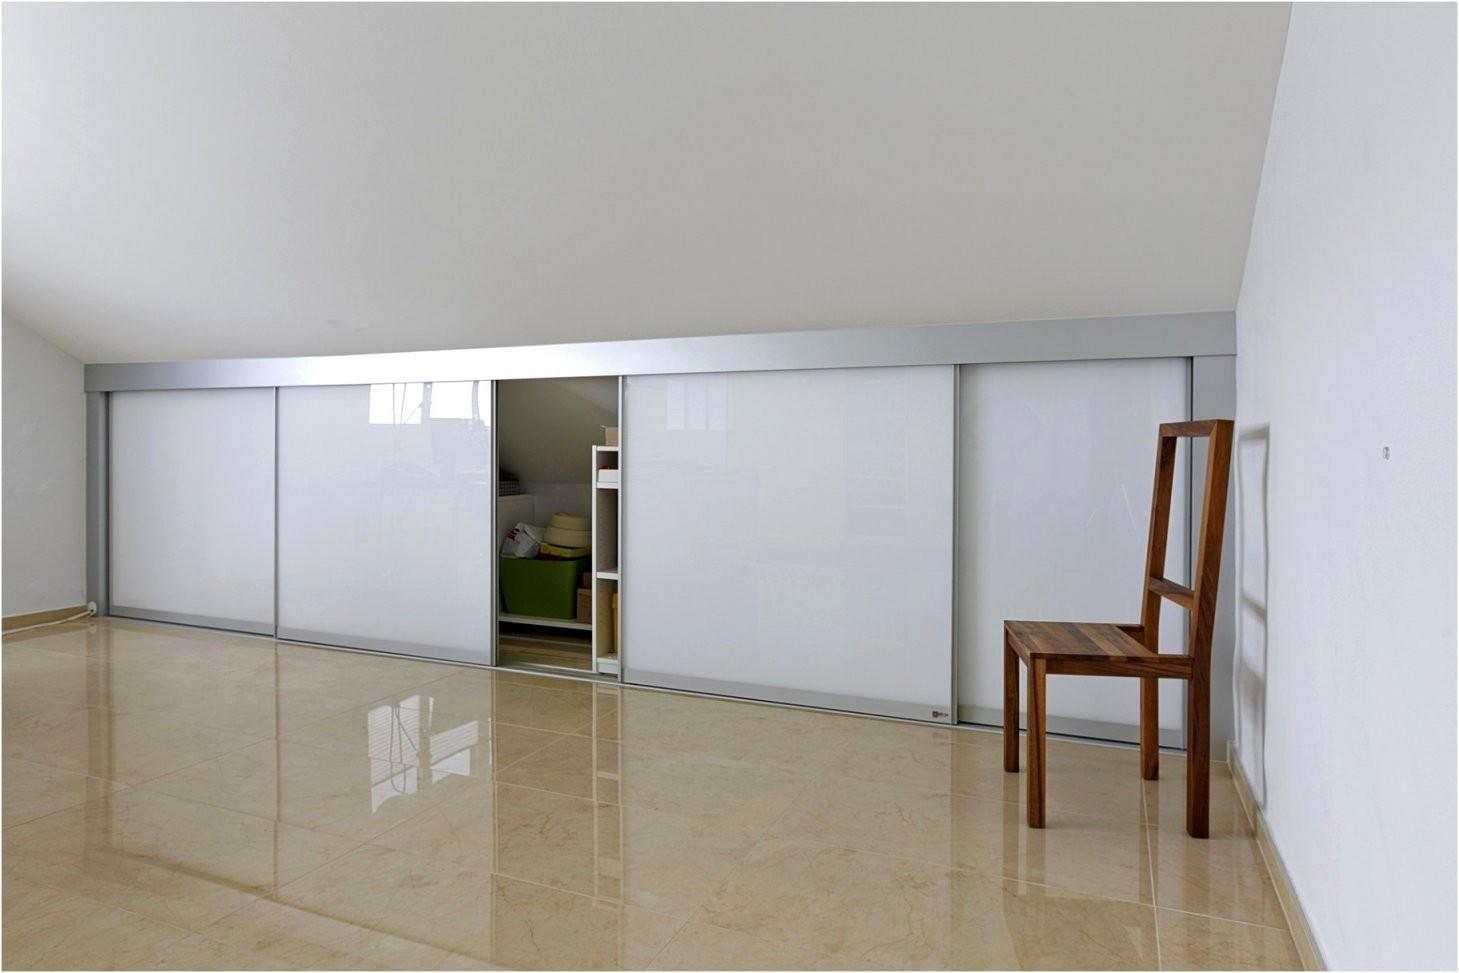 Bauanleitung Schrank Dachschräge Drempel  Cabinetworlddesign von Kleiderschrank Für Dachschräge Ikea Photo